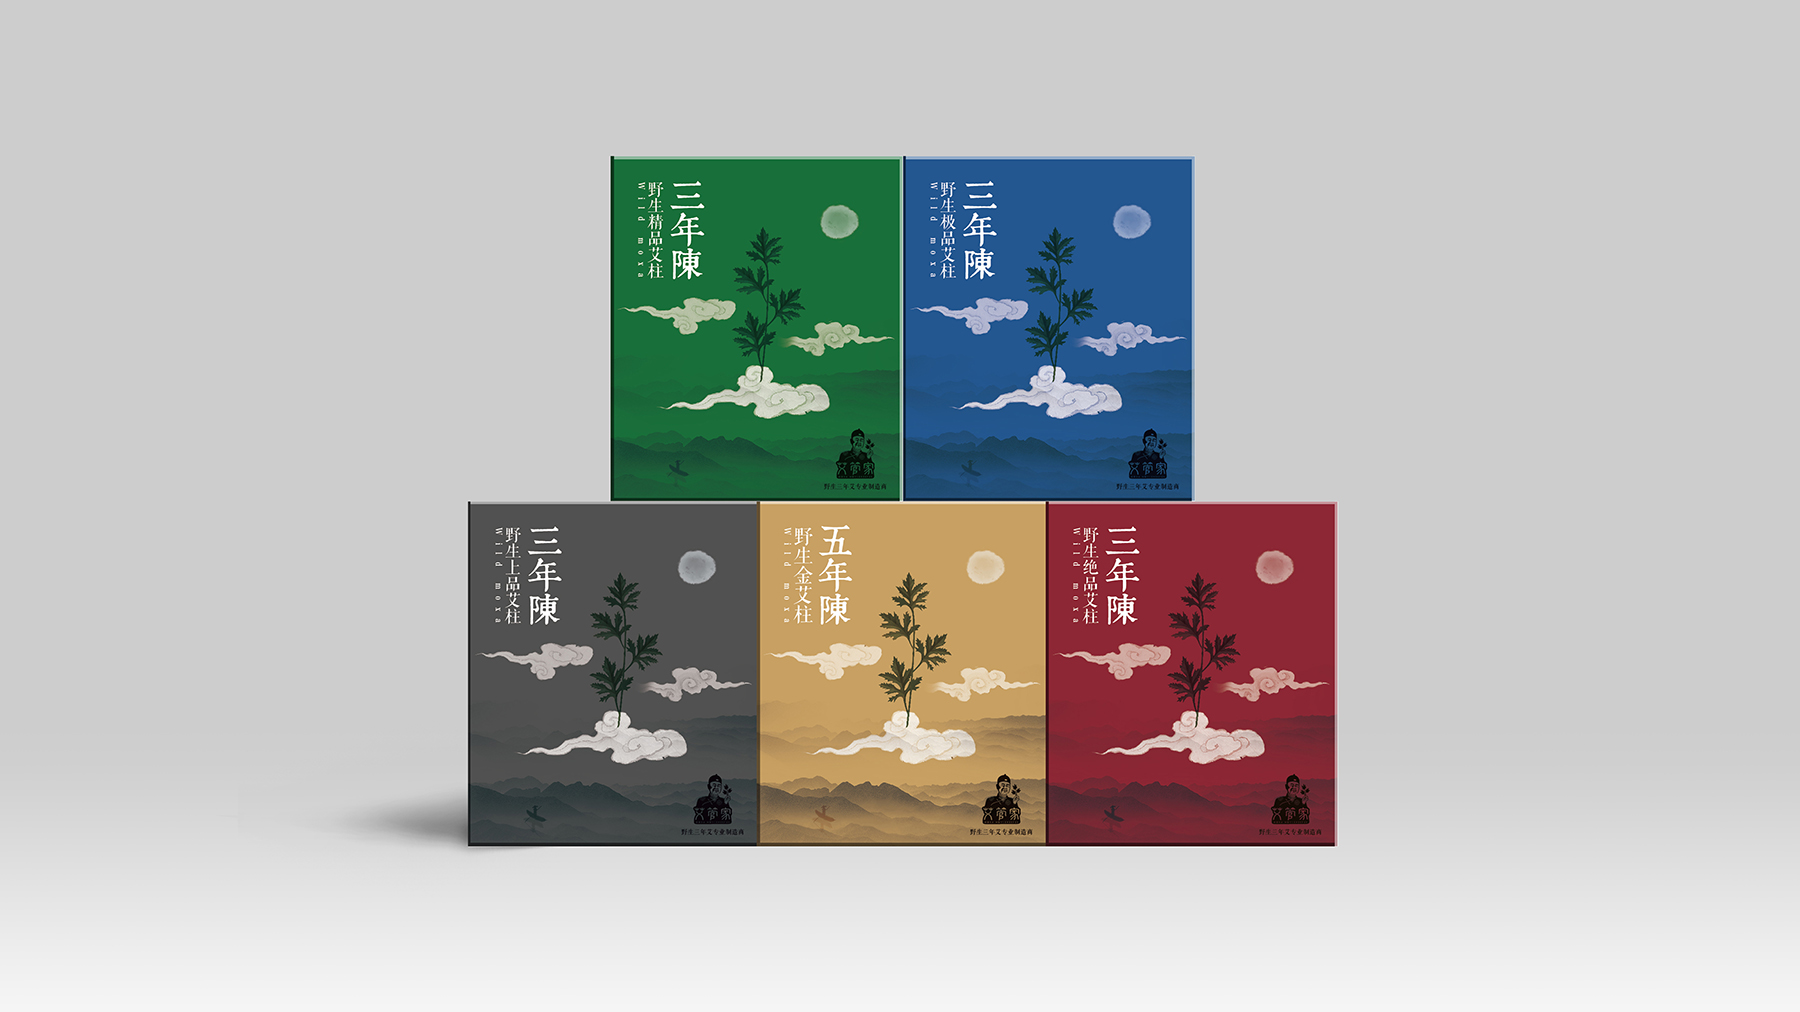 西安专业品牌形象设计公司